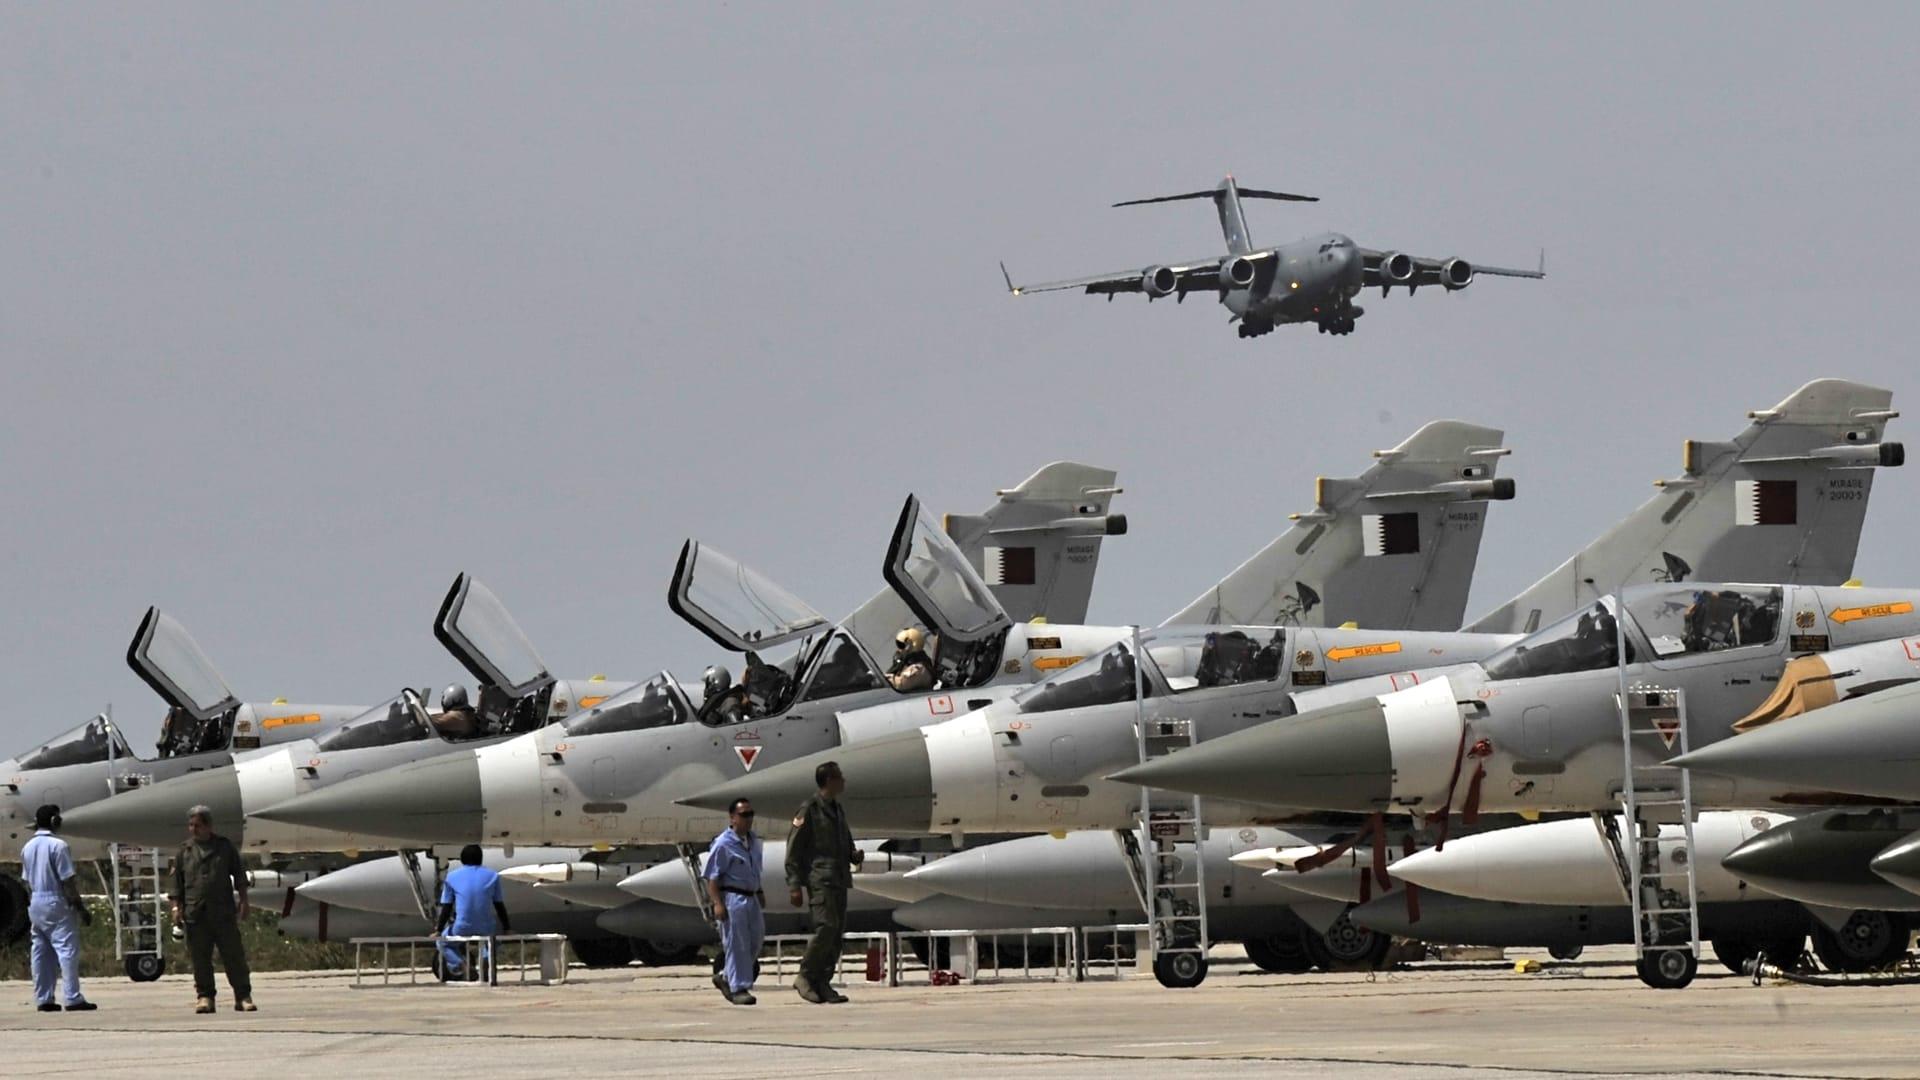 وزارة دفاع قطر تعلن عن حادث تصادم بين طائرتين